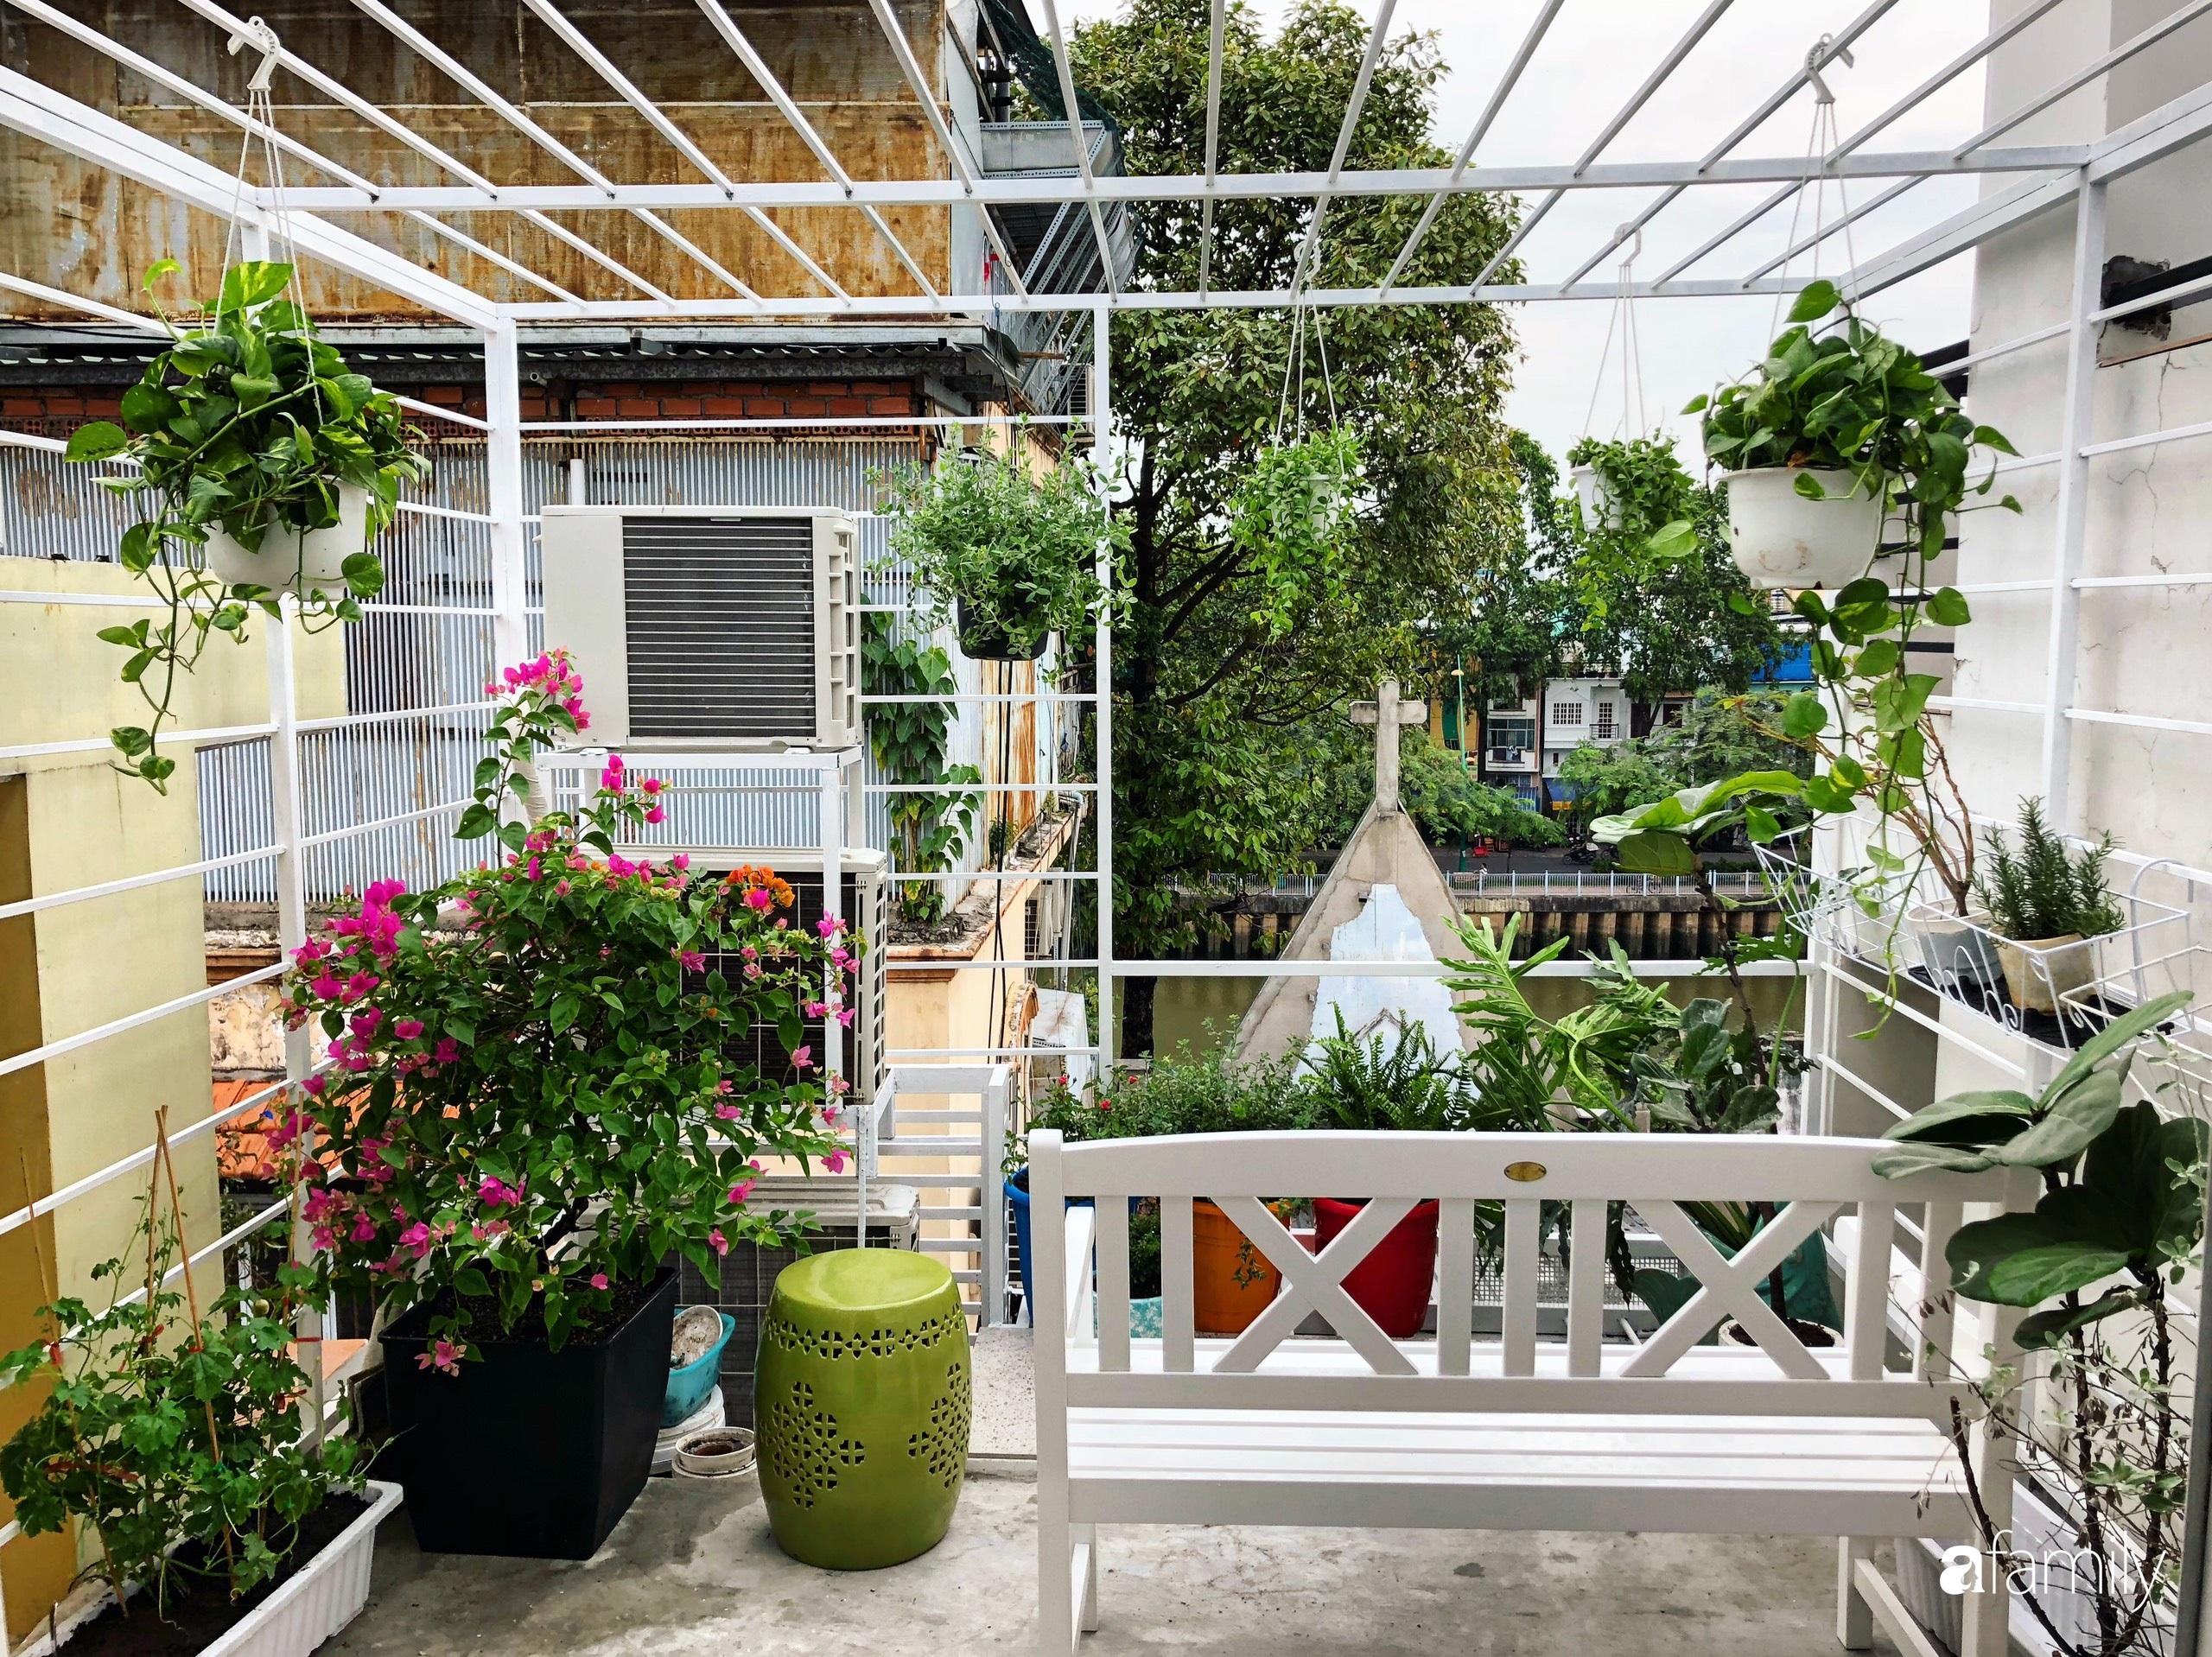 Cải tạo nhà phố 30m² đẹp bất ngờ vừa làm nơi ở vừa để kinh doanh với chi phí 350 triệu đồng ở Hà Nội - Ảnh 23.